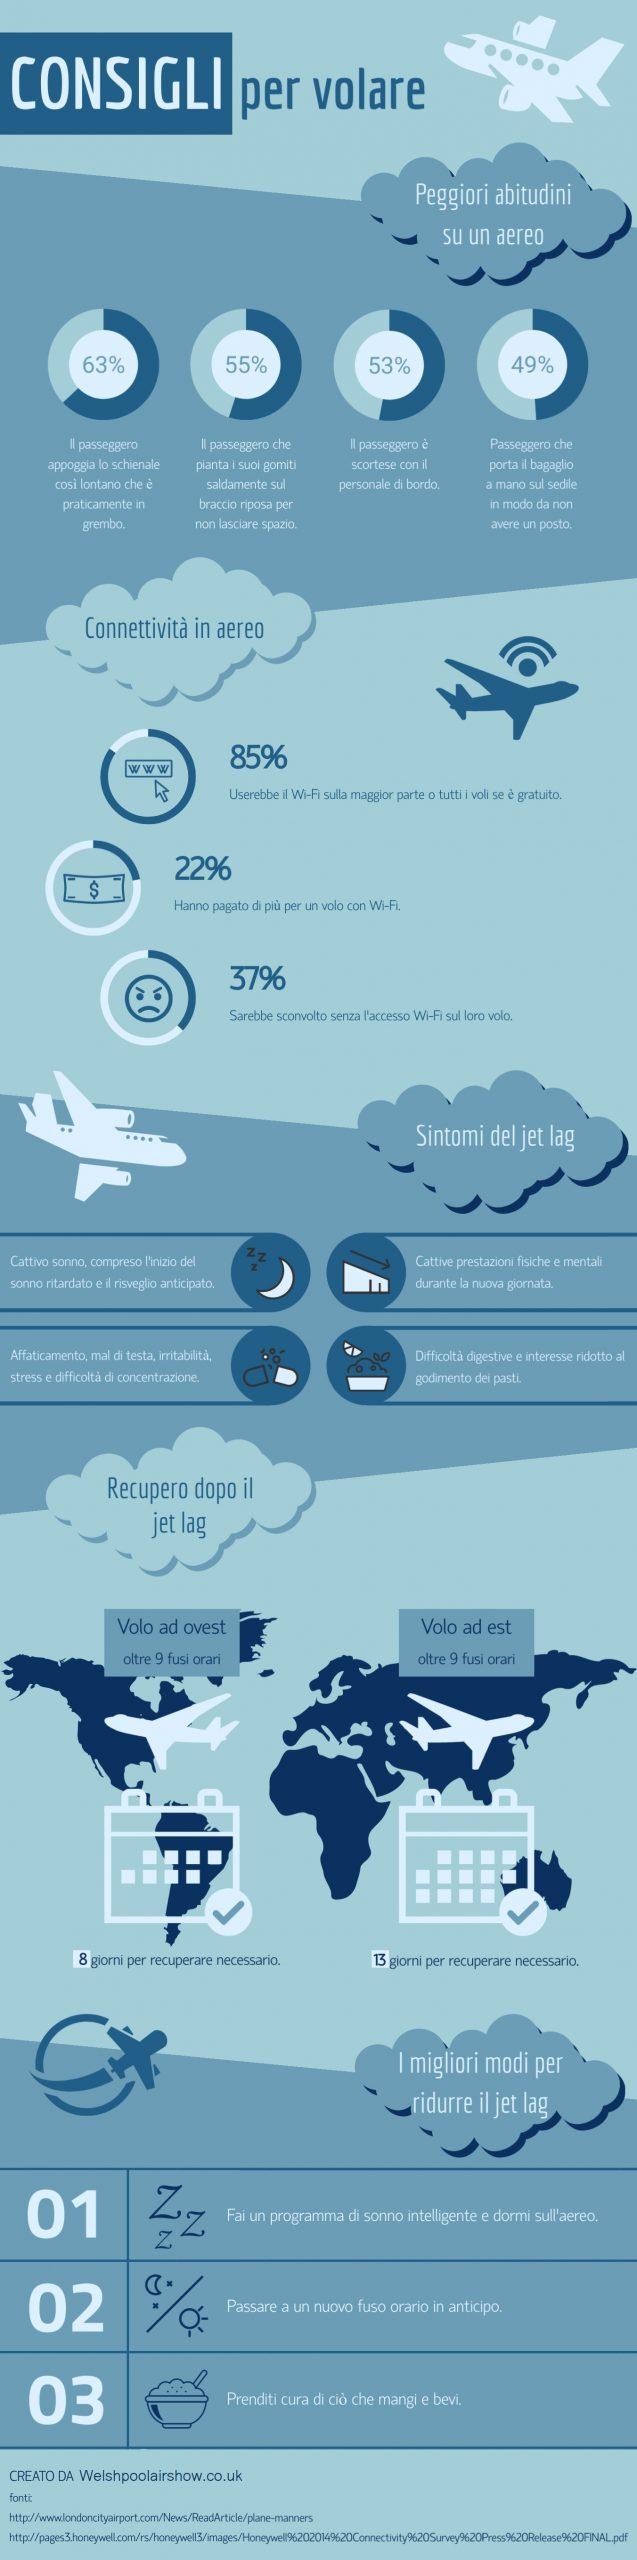 Consigli per volare infografica